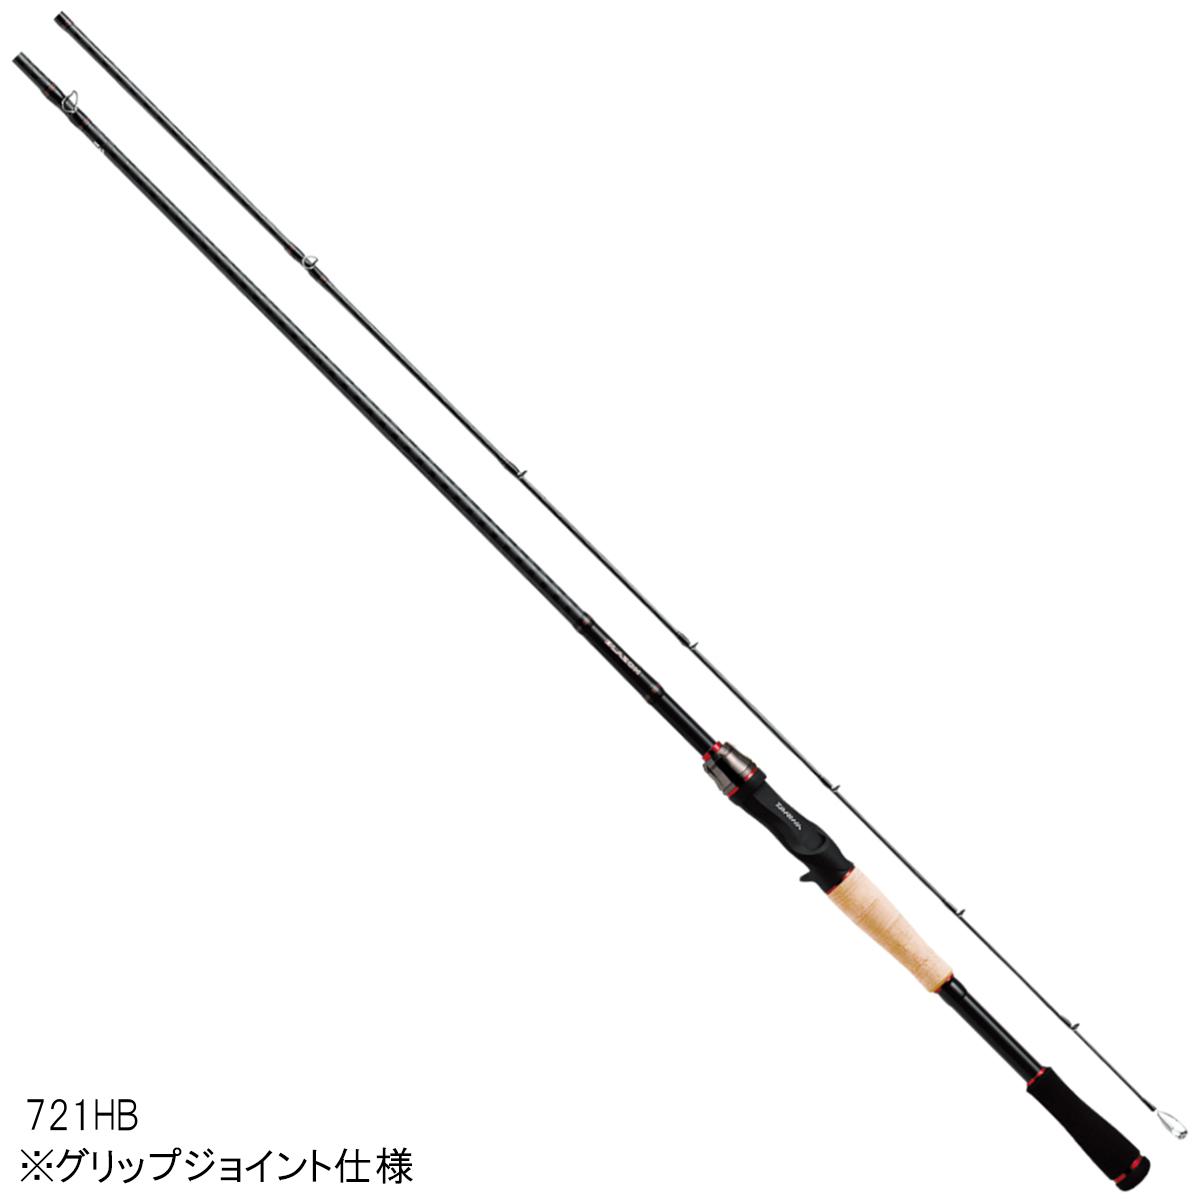 ダイワ ブレイゾン 721HB【大型商品】